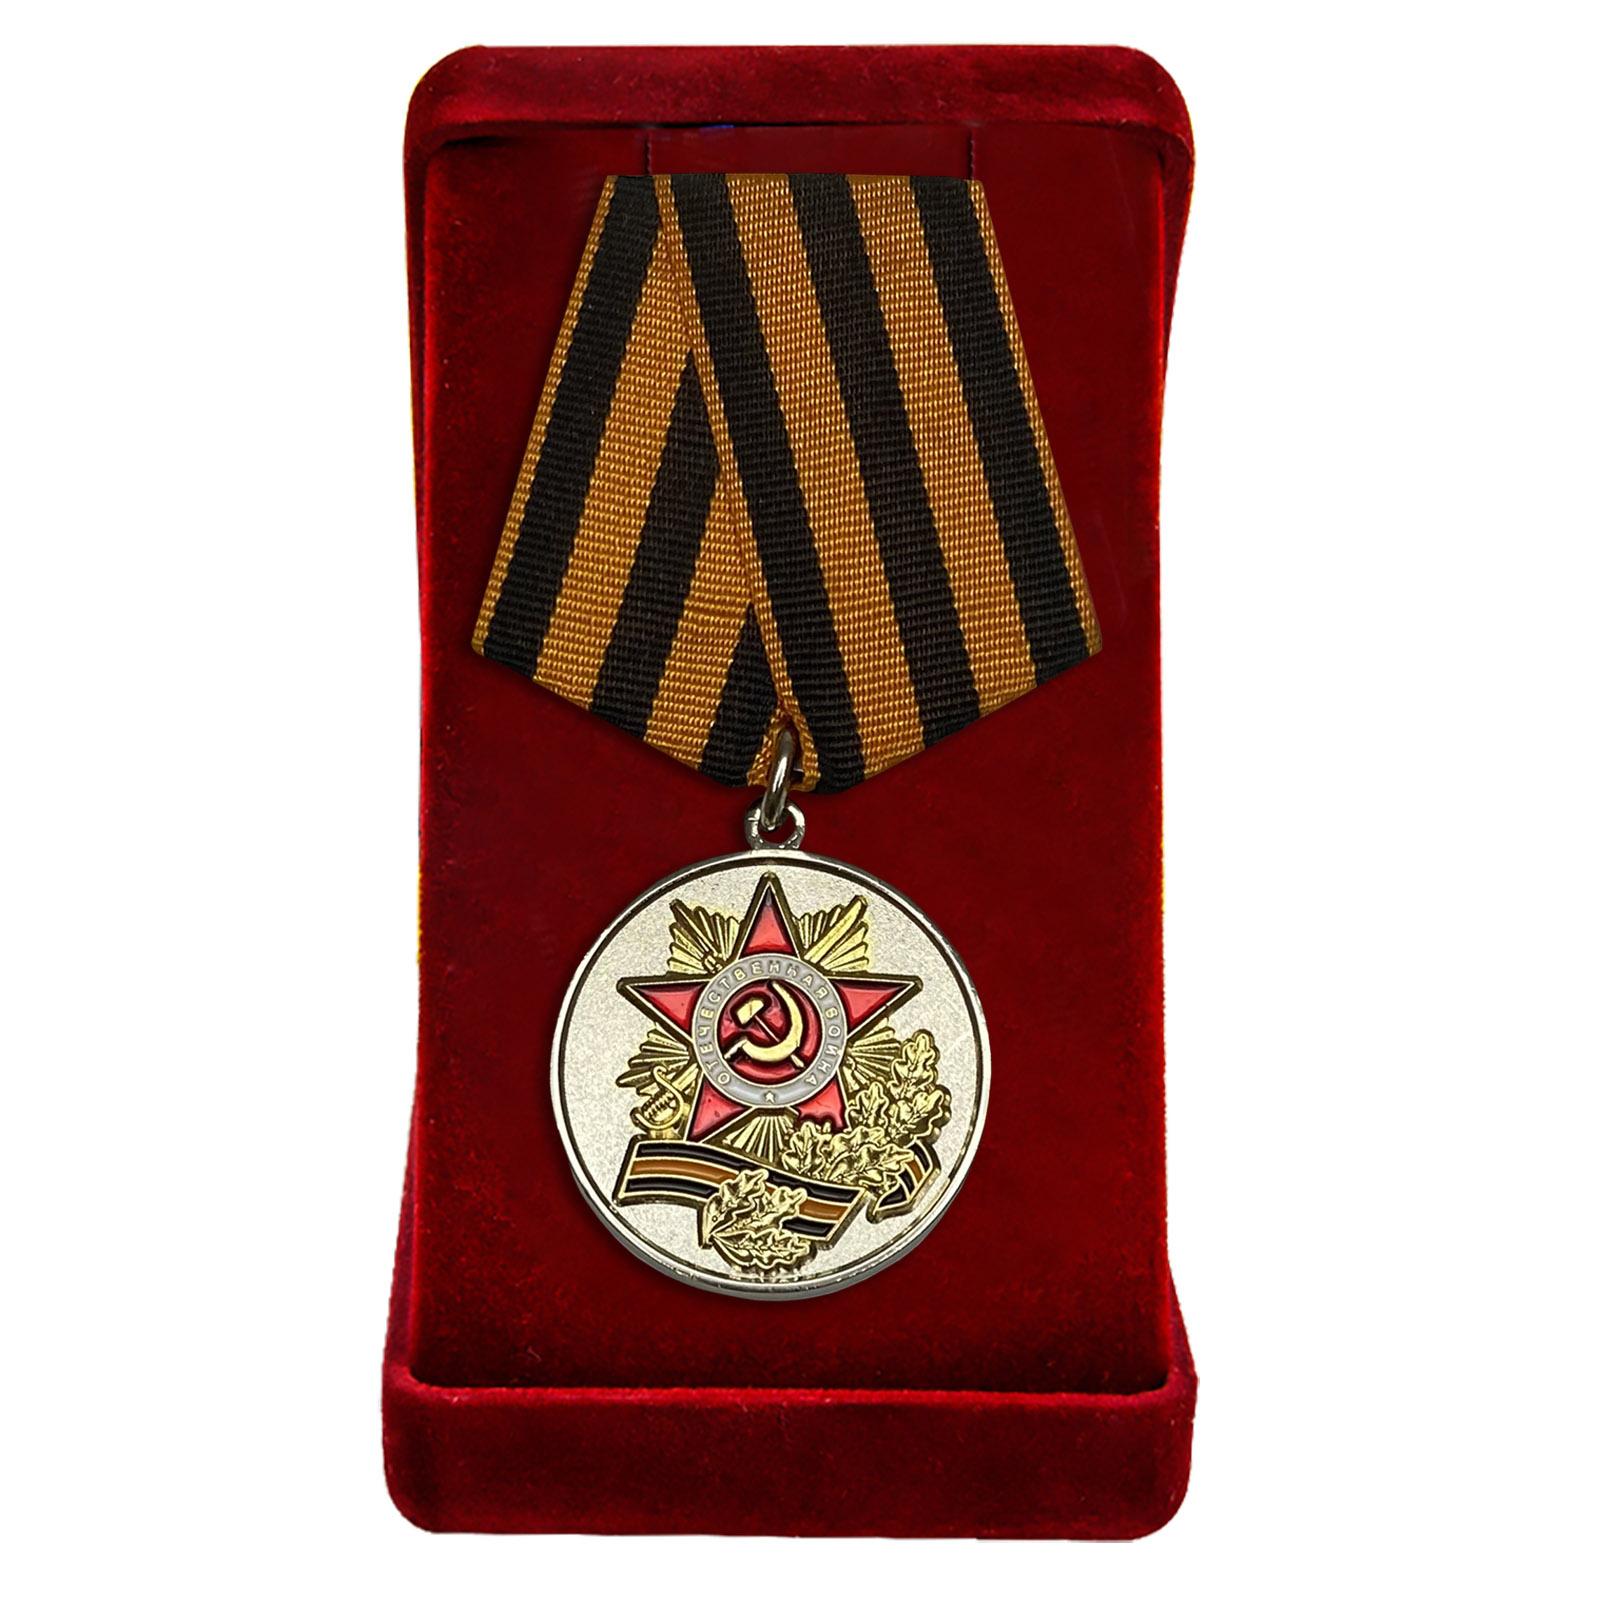 Купить латунную медаль 70 лет Победы в Великой Отечественной войне в подарок